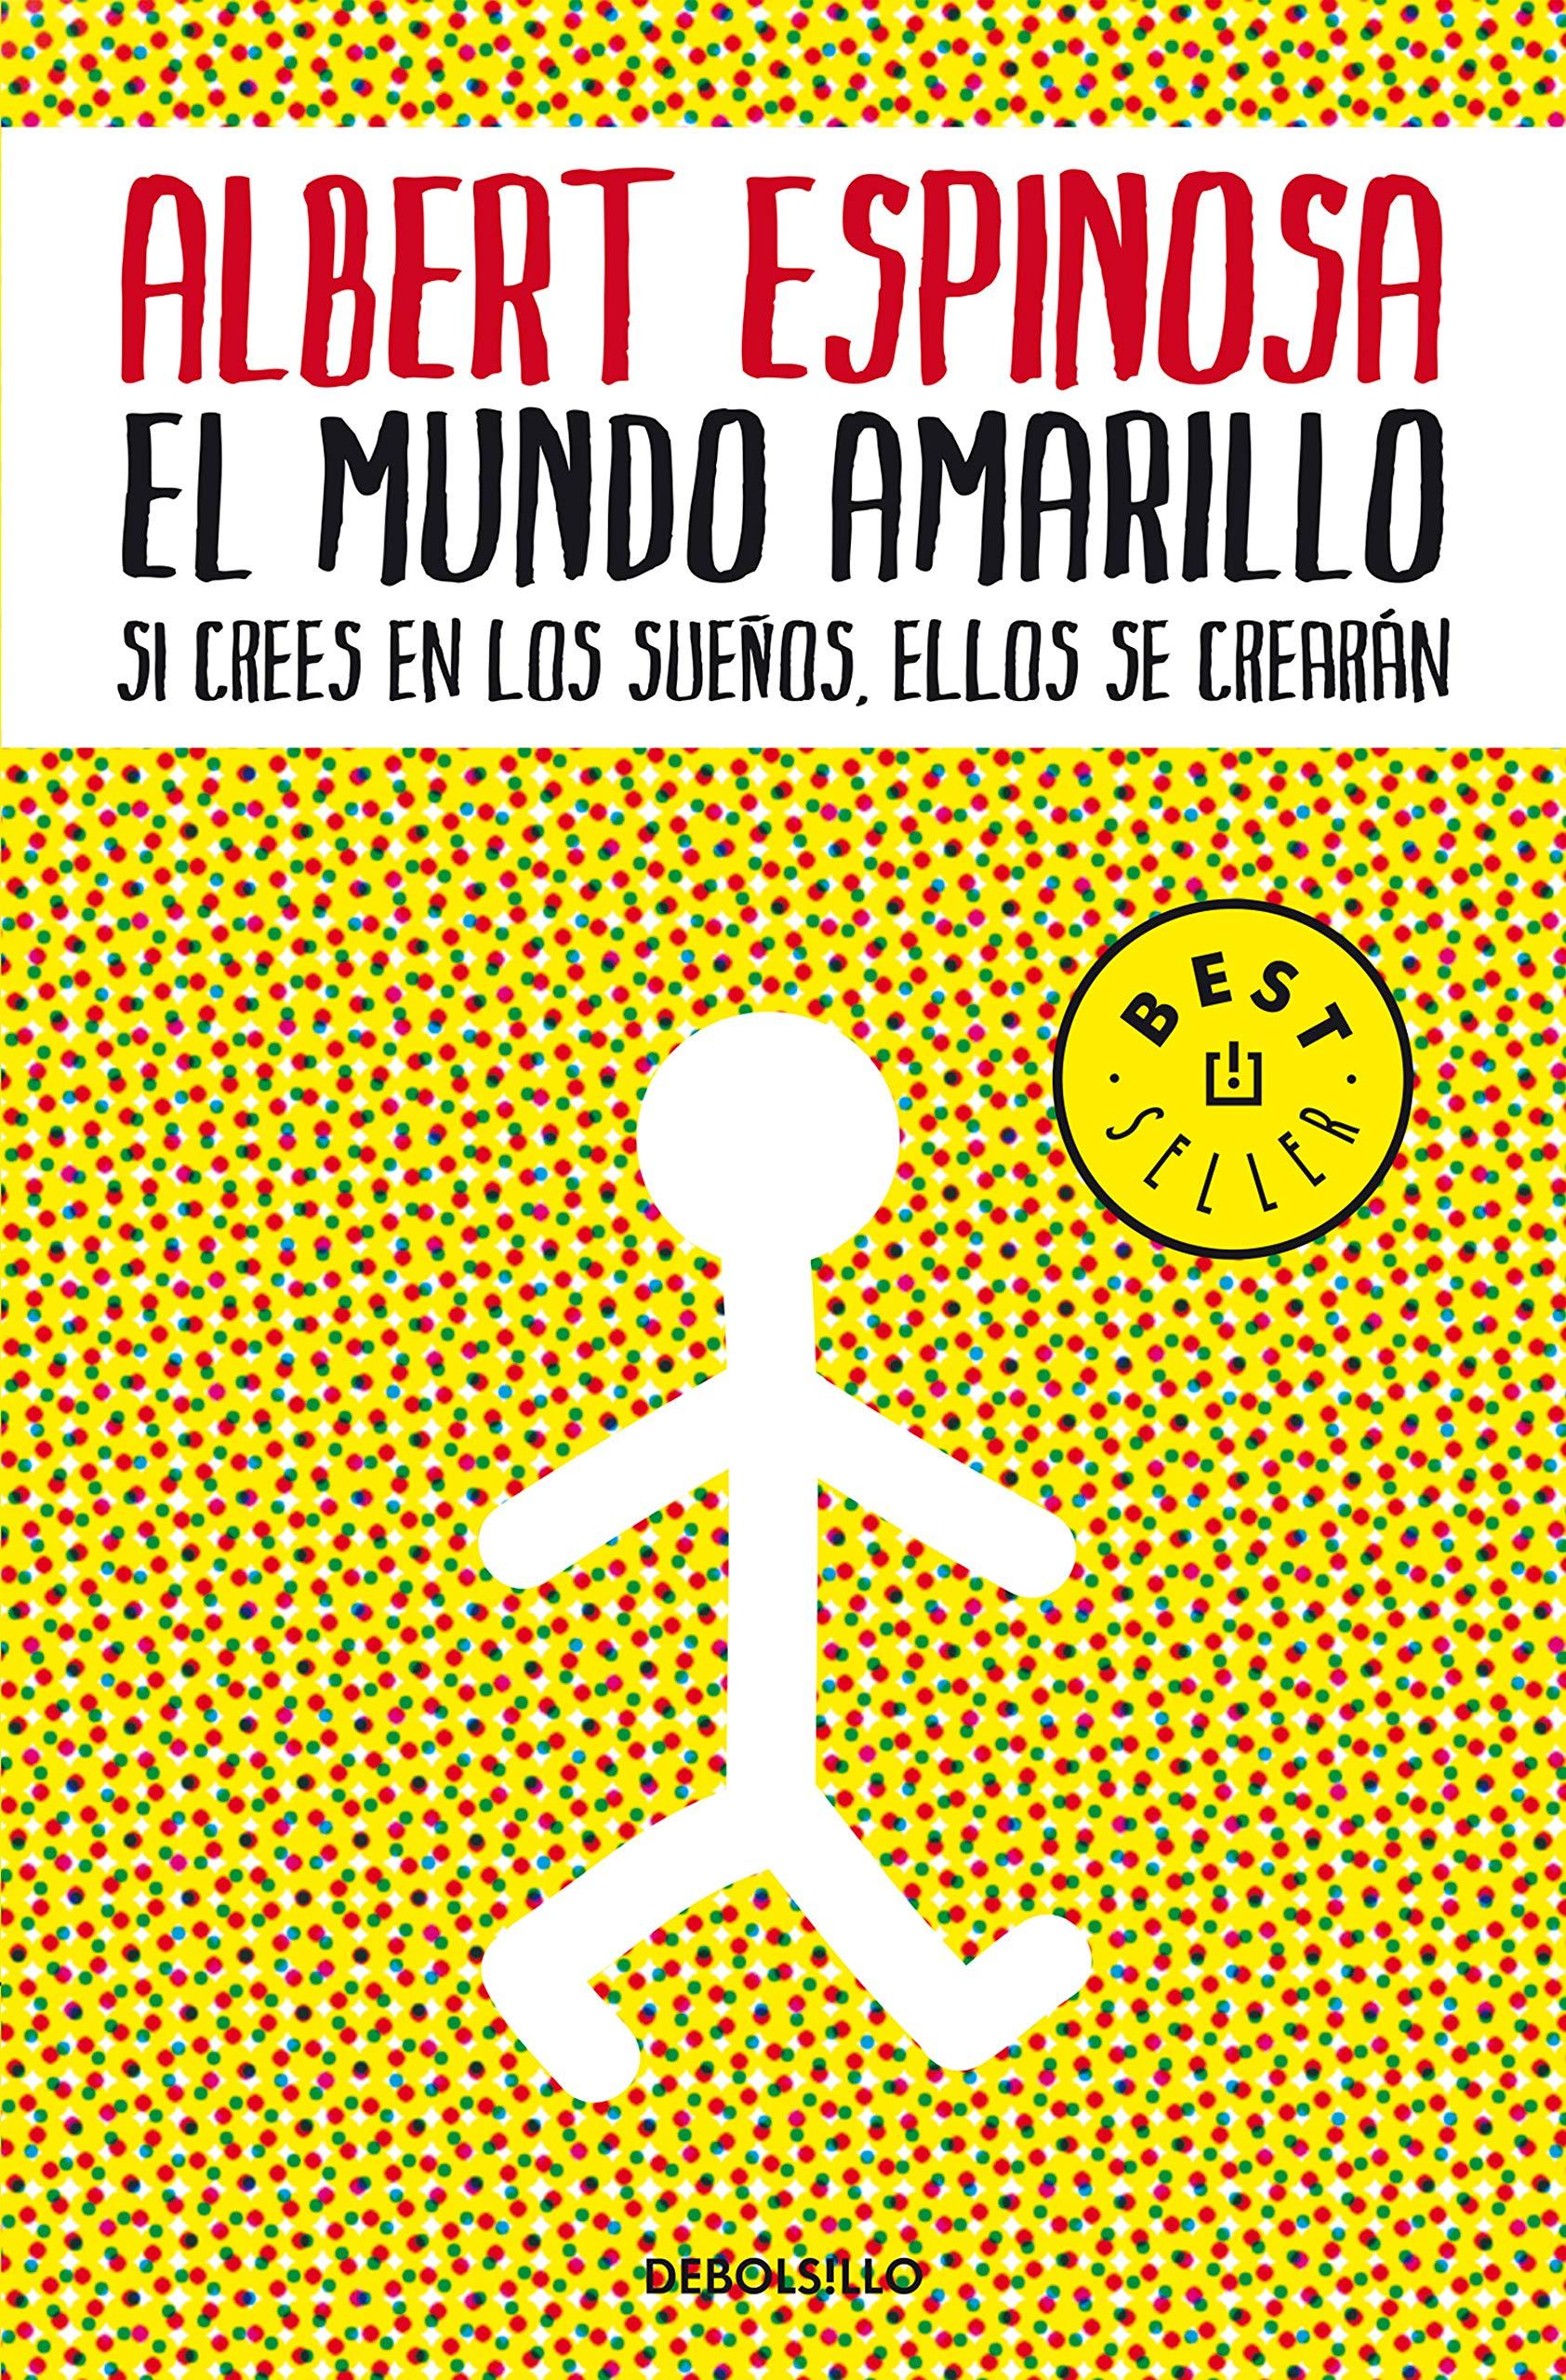 El mundo amarillo: Si crees en los sueños, ellos se crearán BEST SELLER:  Amazon.es: Albert Espinosa: Libros